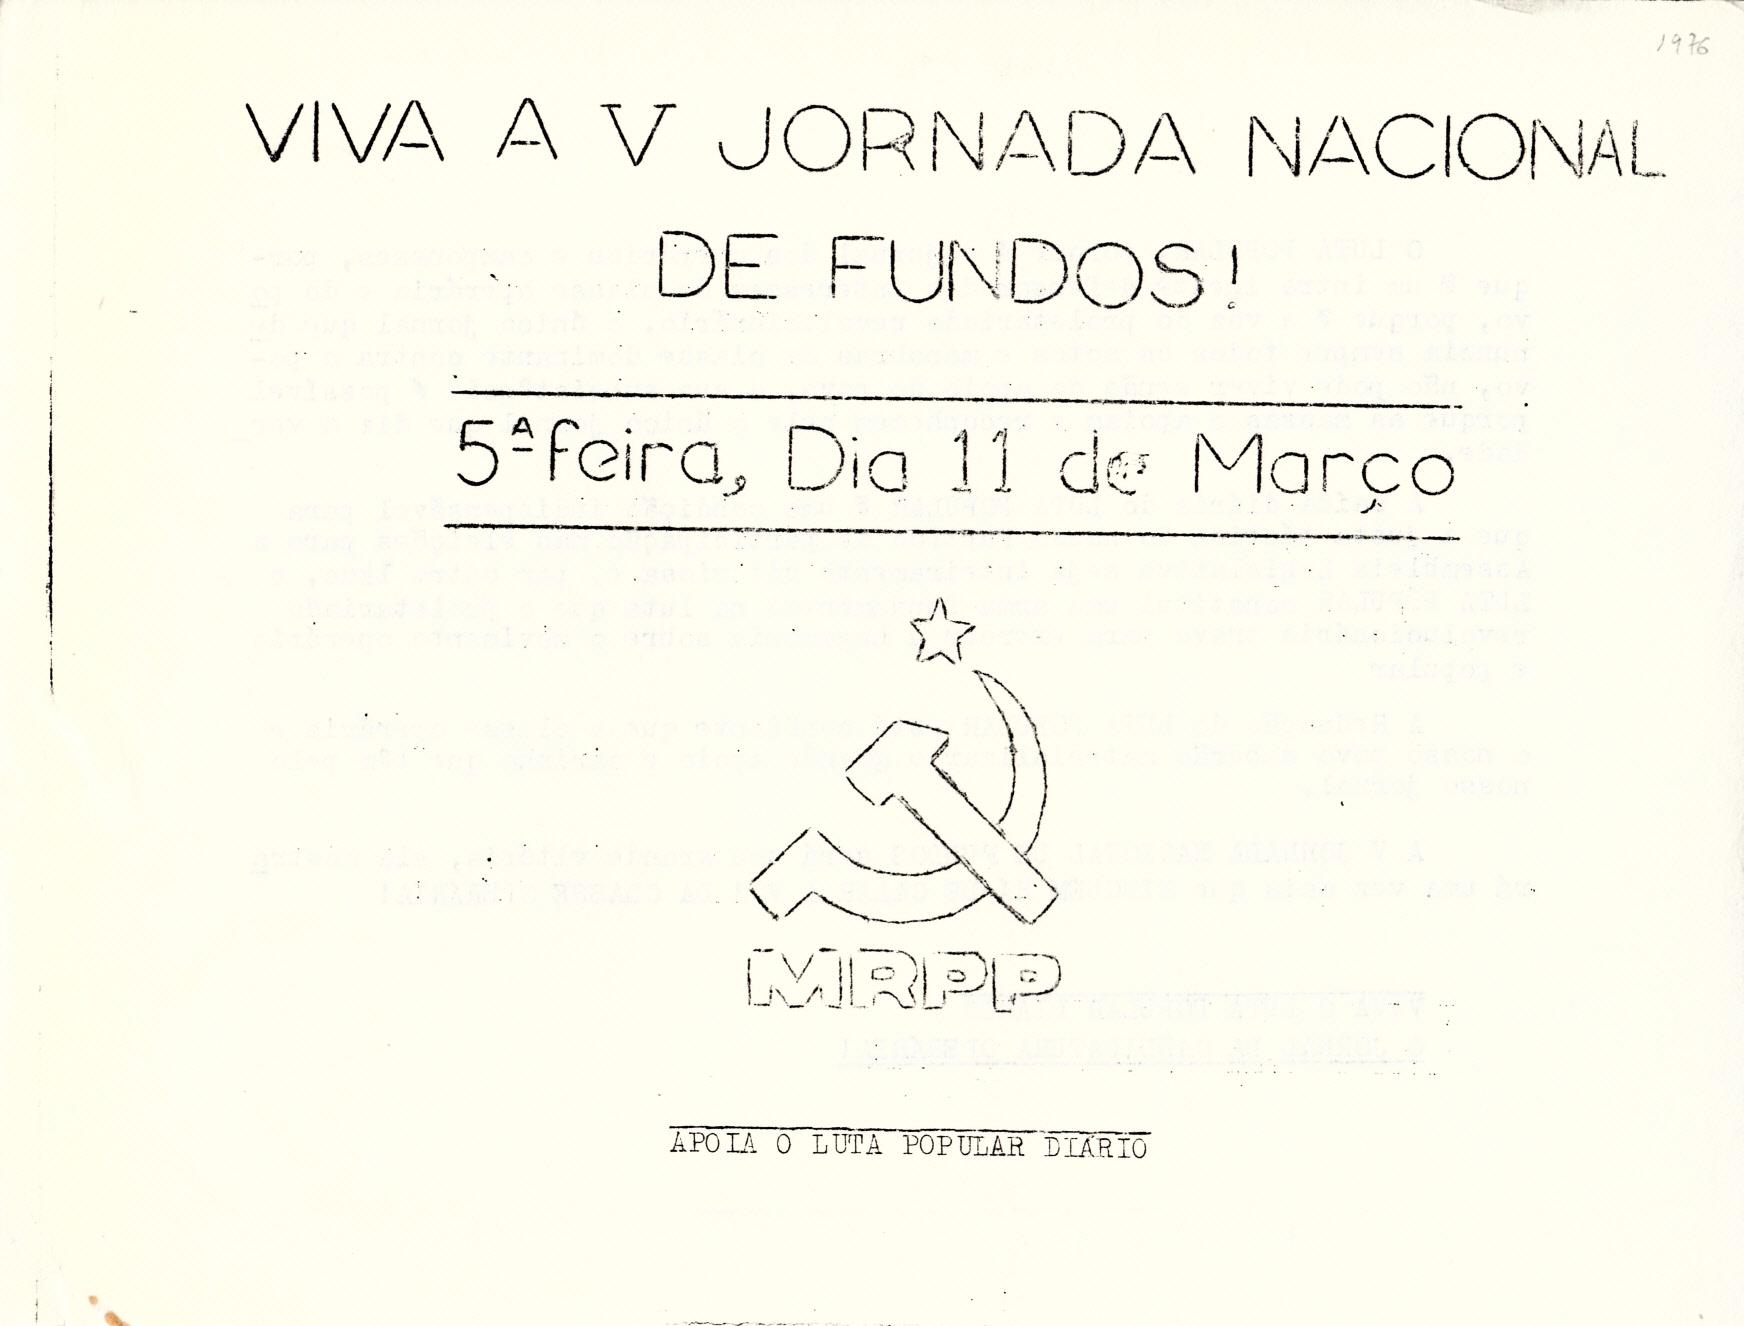 MRPP_1976_03_11_0001